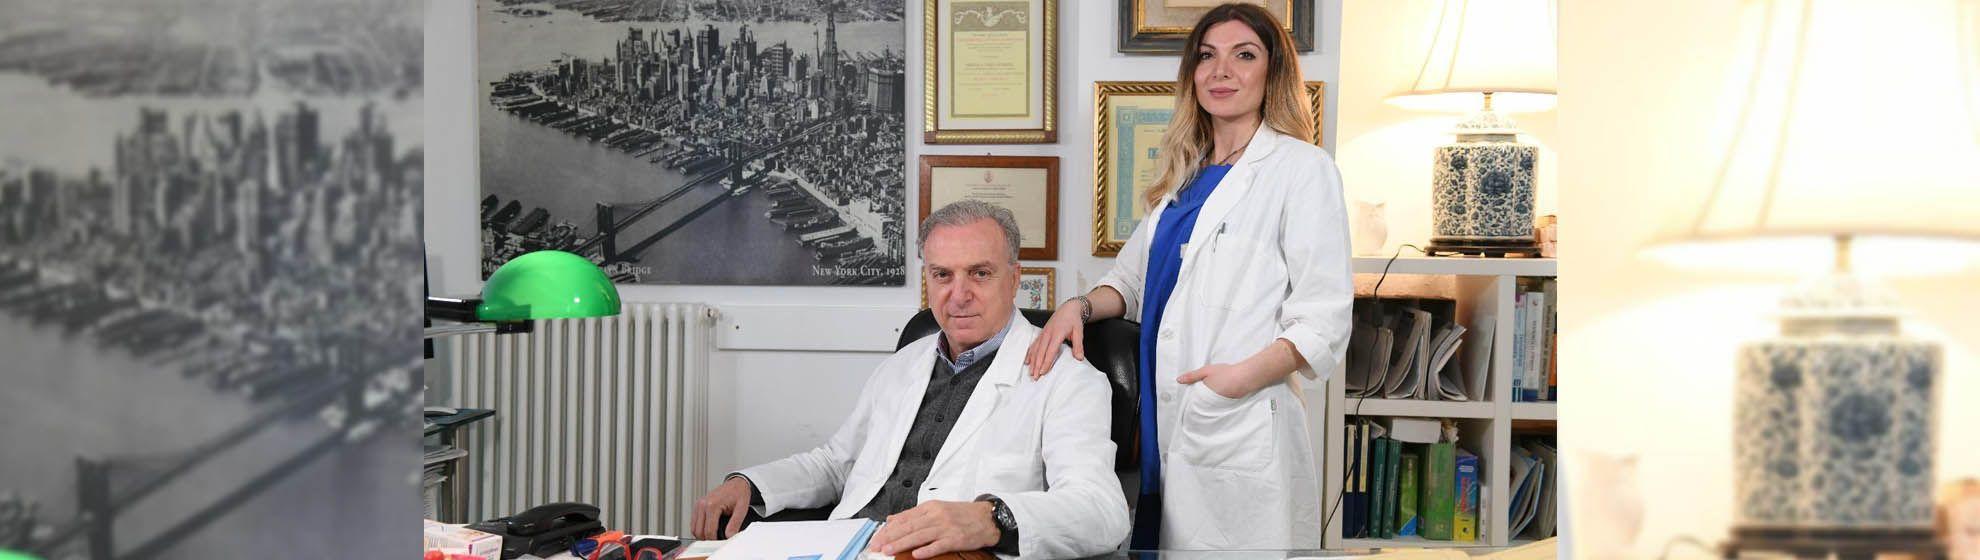 Chirurgia Estetica Nestola - Dott. Luigi Nestola